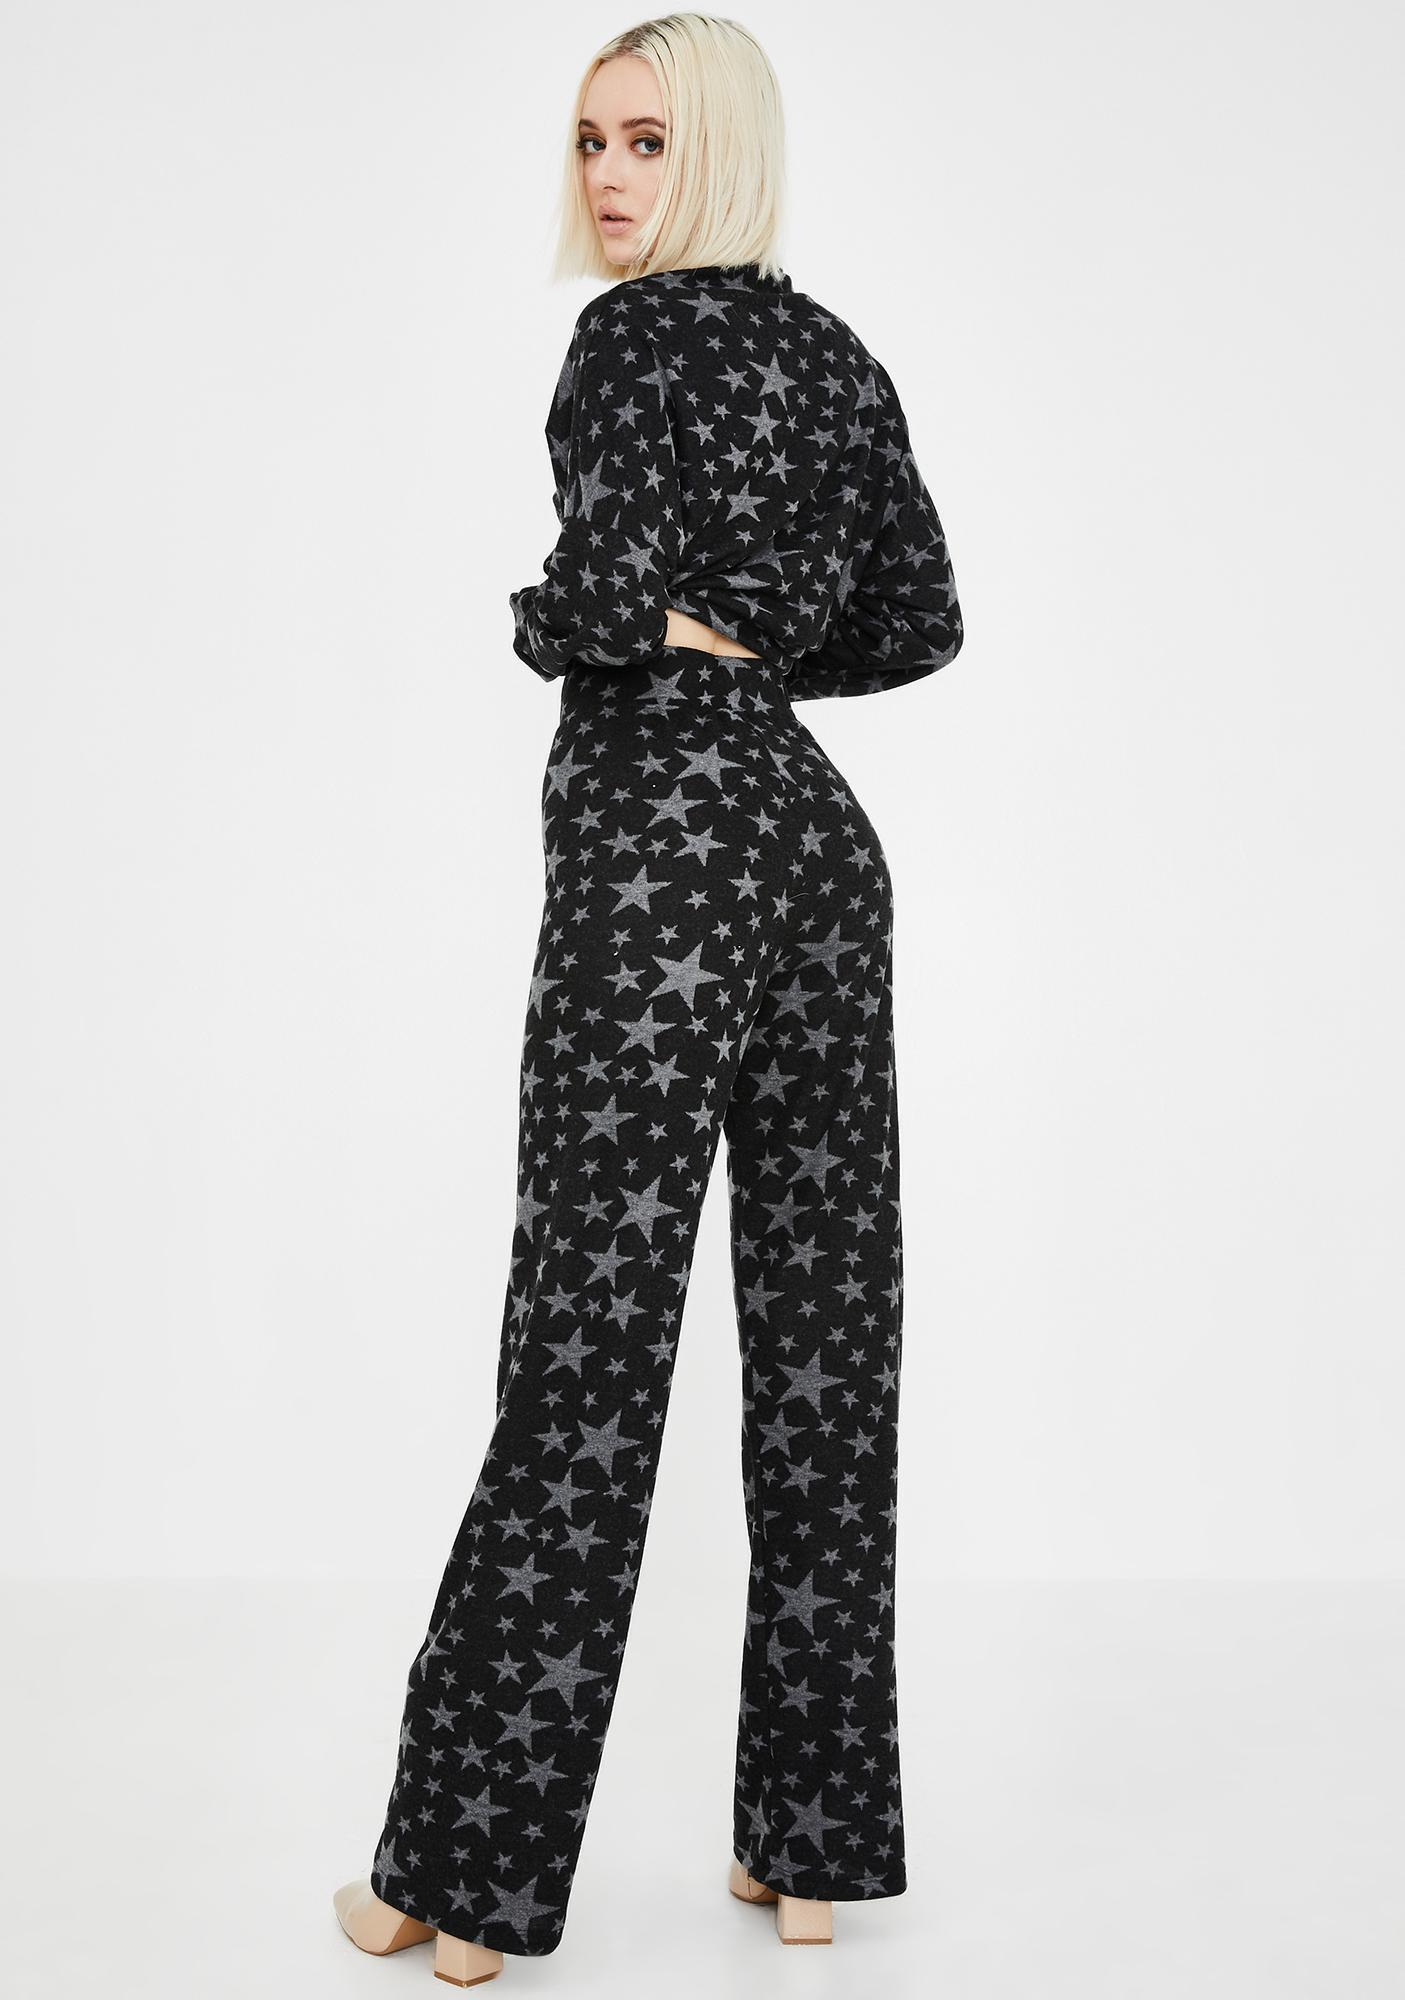 Kiki Riki Star Baby Pants Set